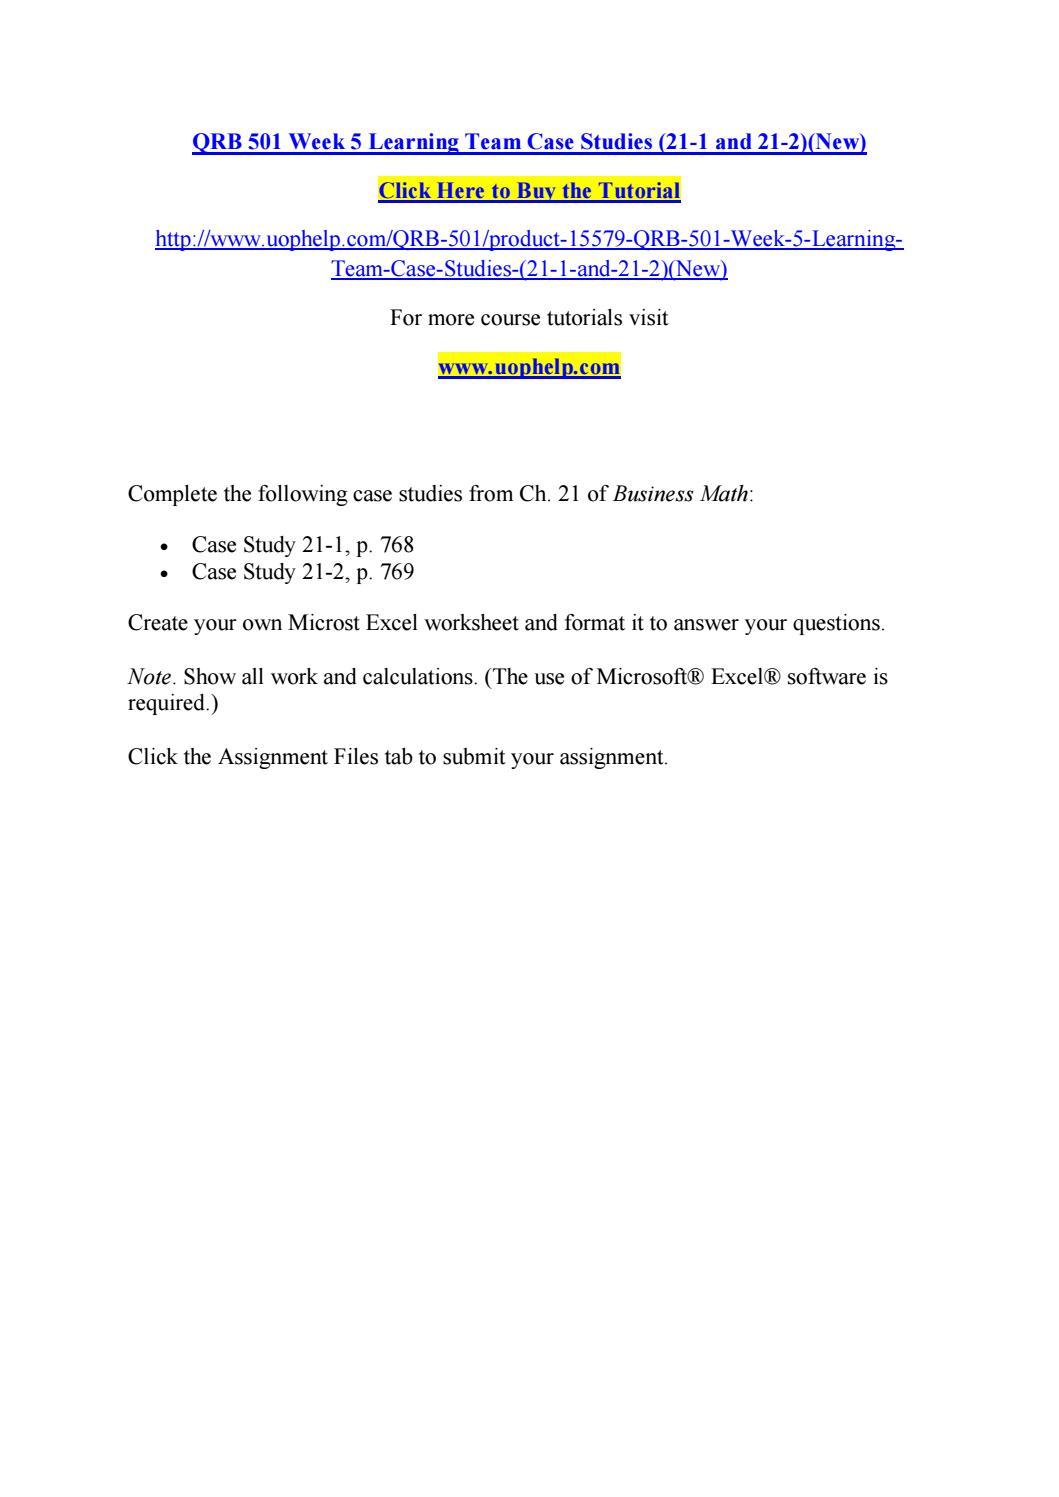 case study 21-1 p768